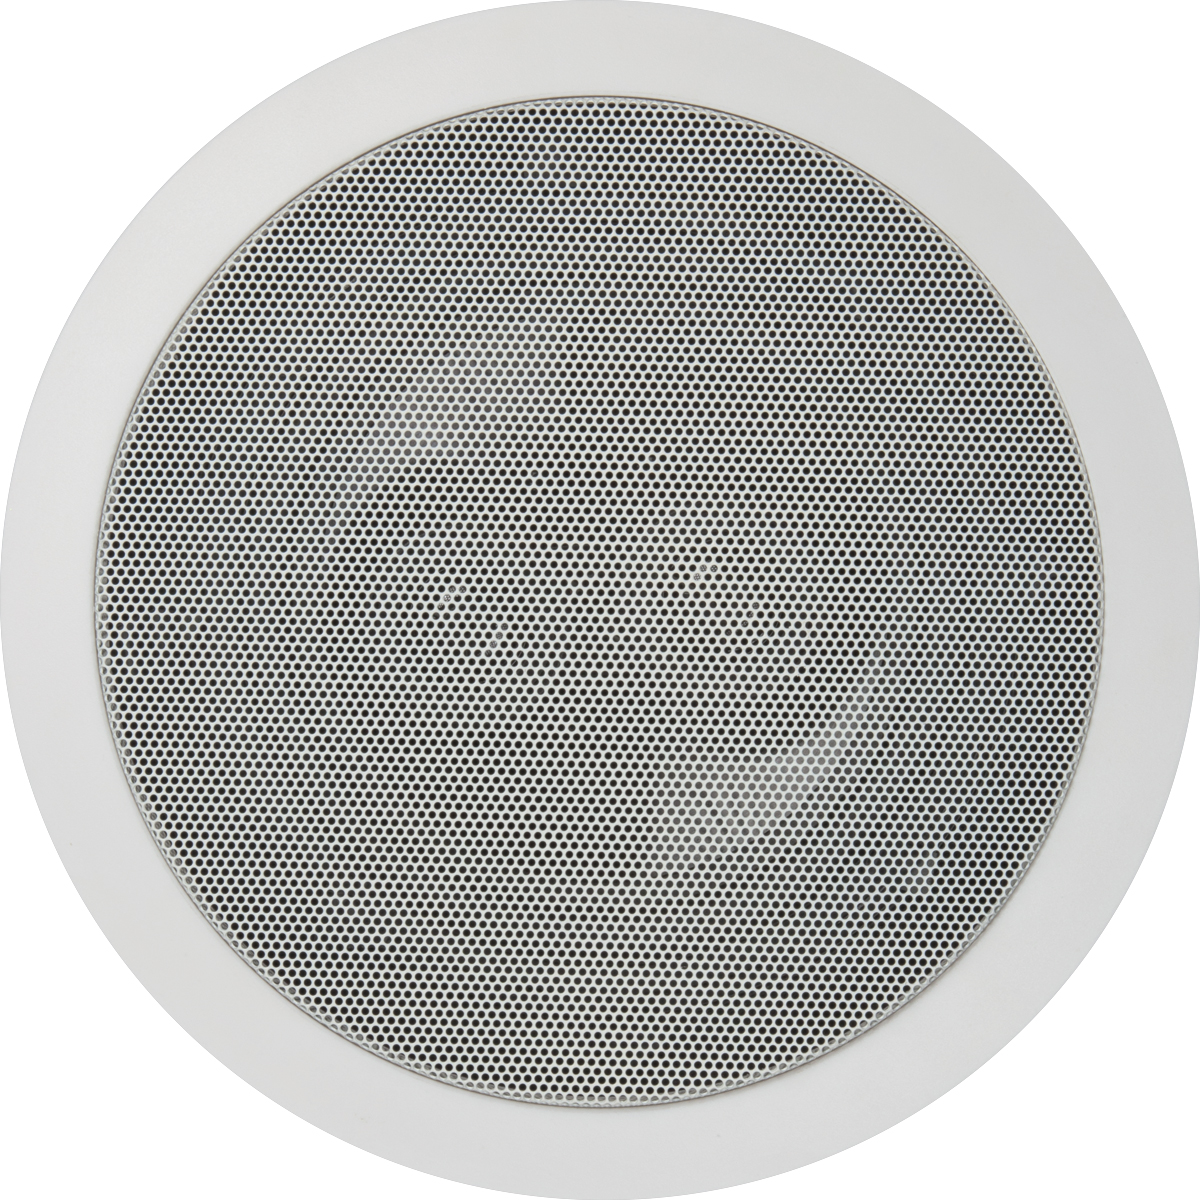 Interior ICP 262 | Magnat - The Science of Sound